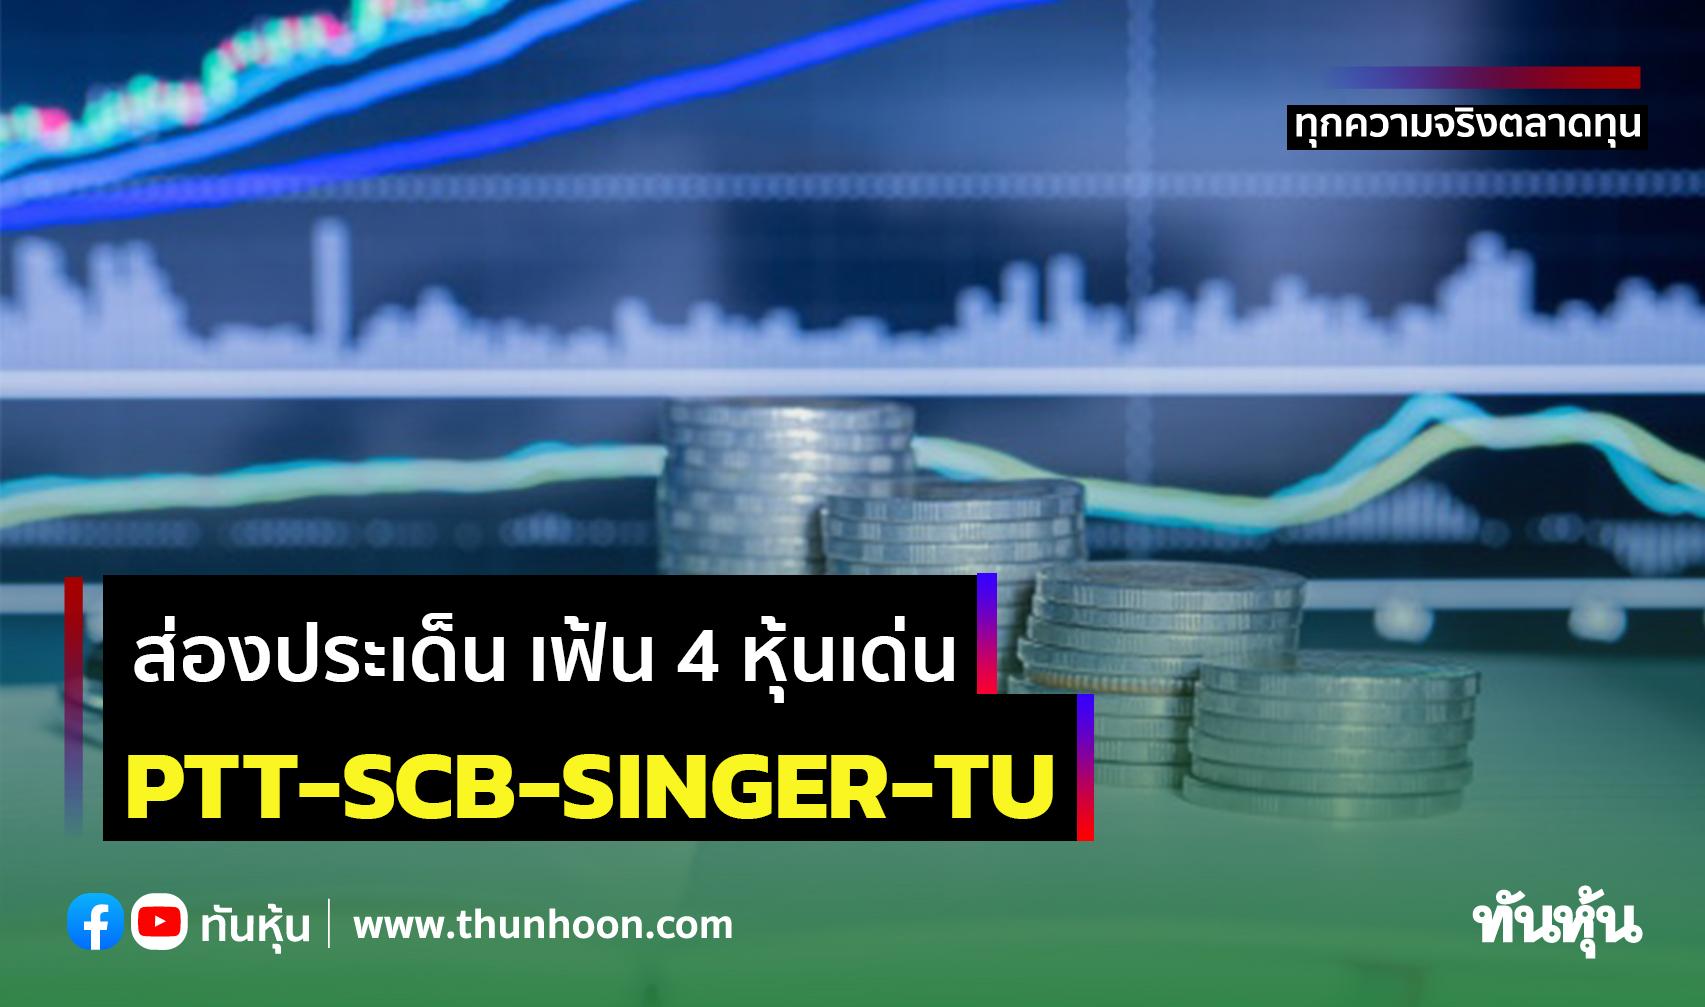 ส่องประเด็น เฟ้น 4 หุ้นเด่น PTT-SCB-SINGER-TU